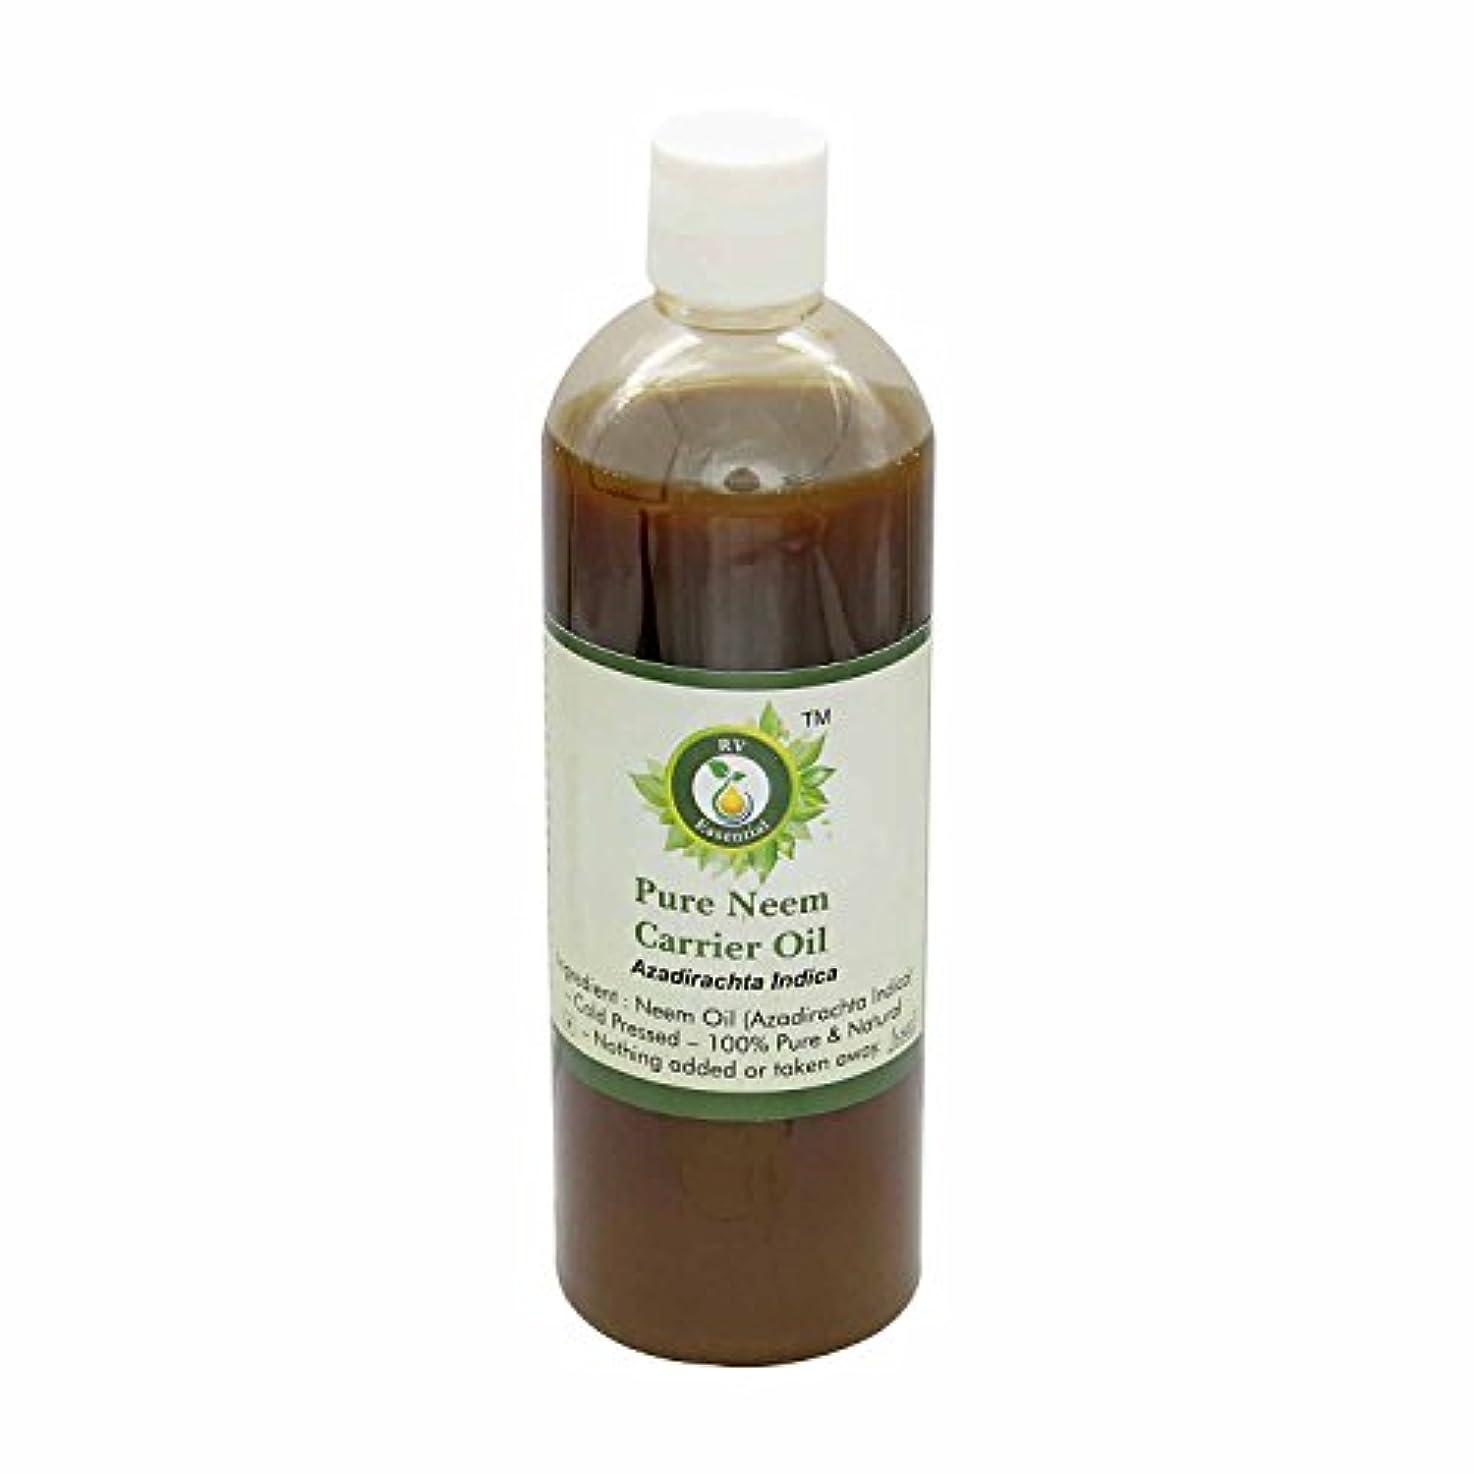 引き出すデモンストレーションアームストロングR V Essential 純Neemキャリアオイル100ml (3.38oz)- Azadirachta Indica (100%ピュア&ナチュラルコールドPressed) Pure Neem Carrier Oil